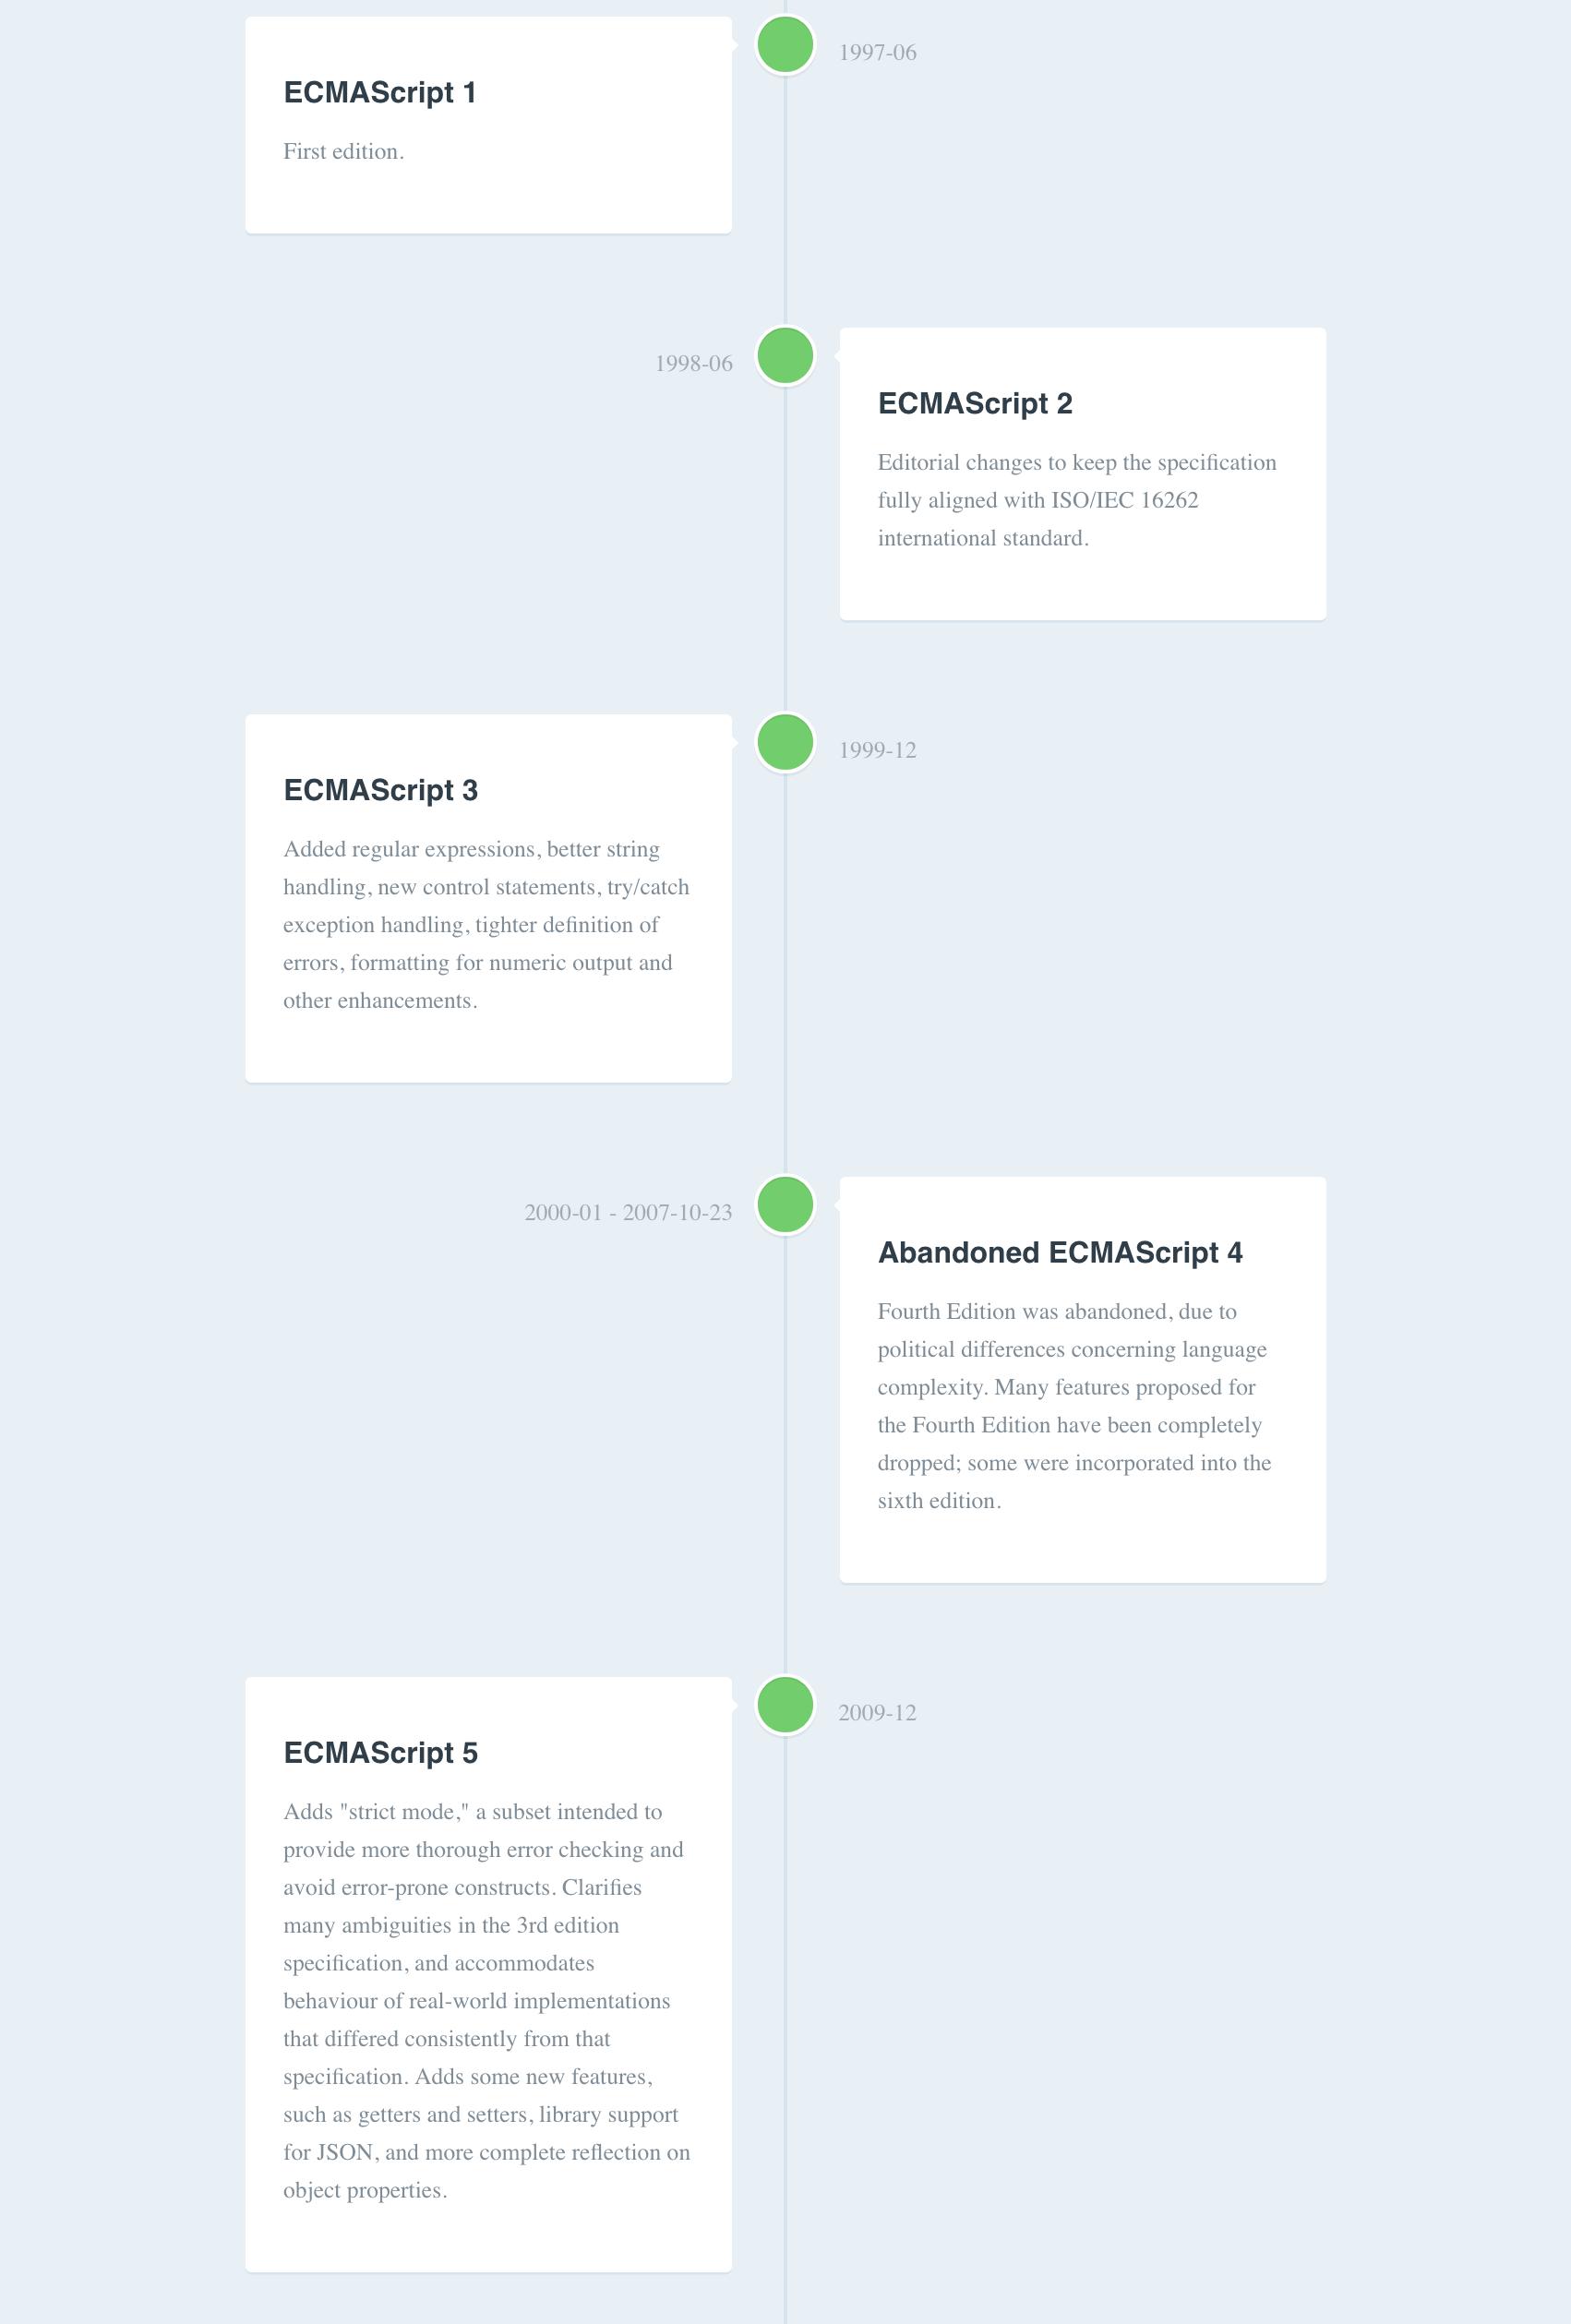 ECMAScript timeline